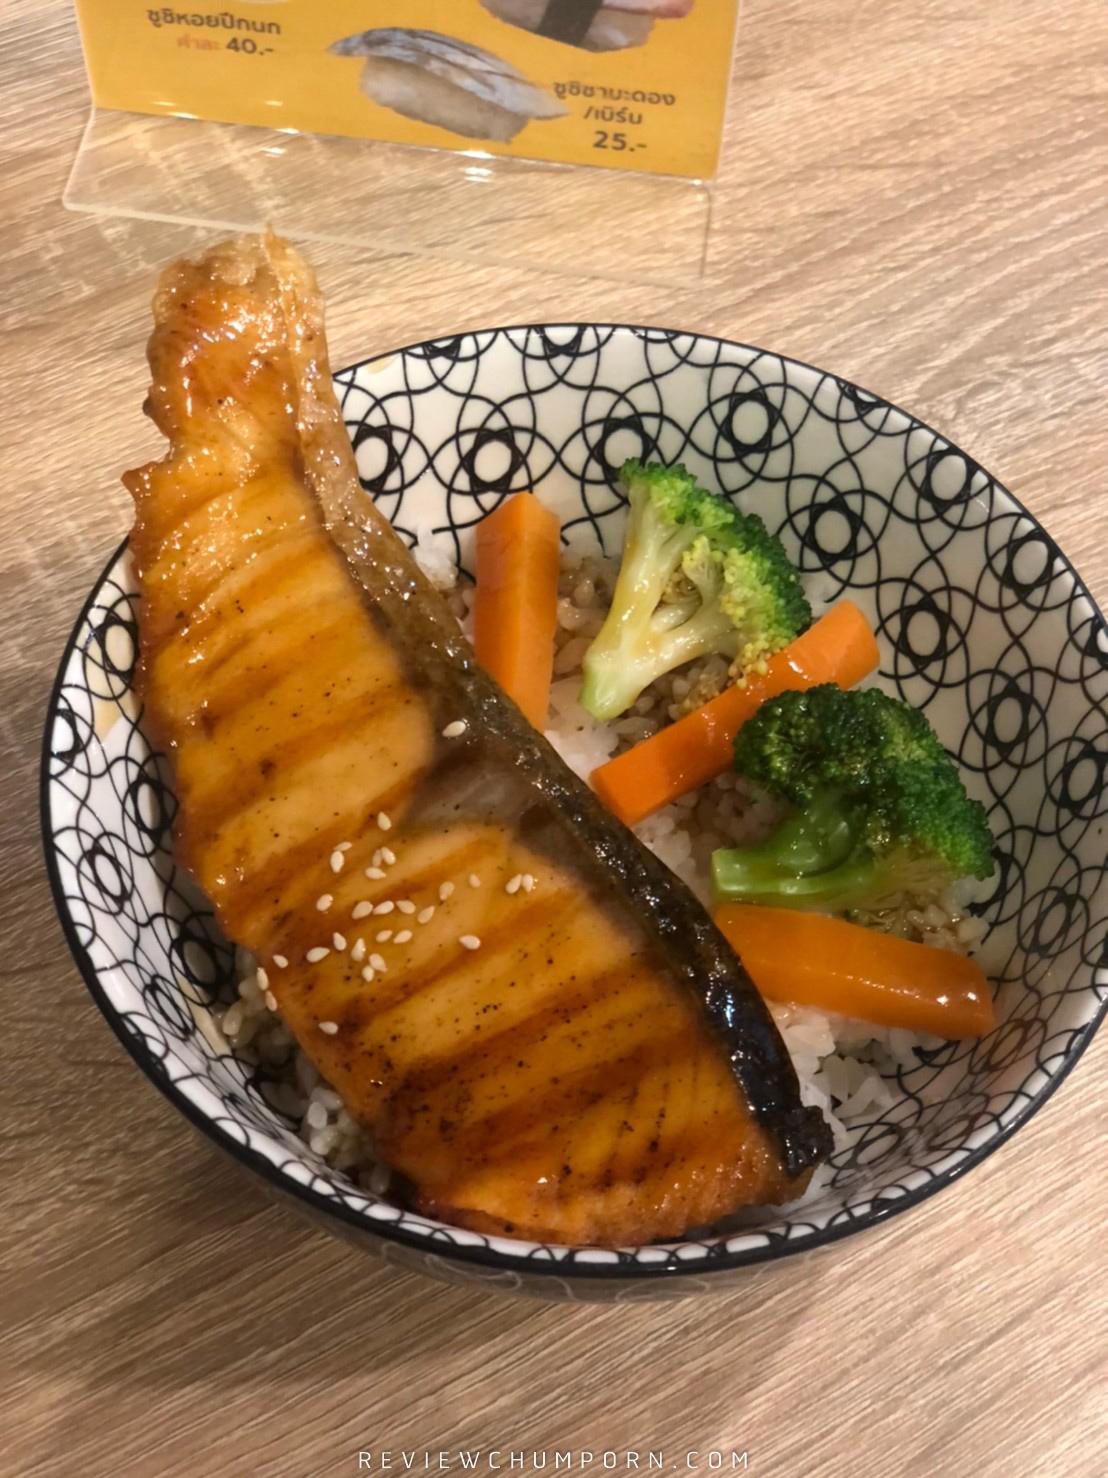 คาเฟ่ชุมพร,ร้านญี่ปุ่นชุมพร,ร้านอาหารชุมพร